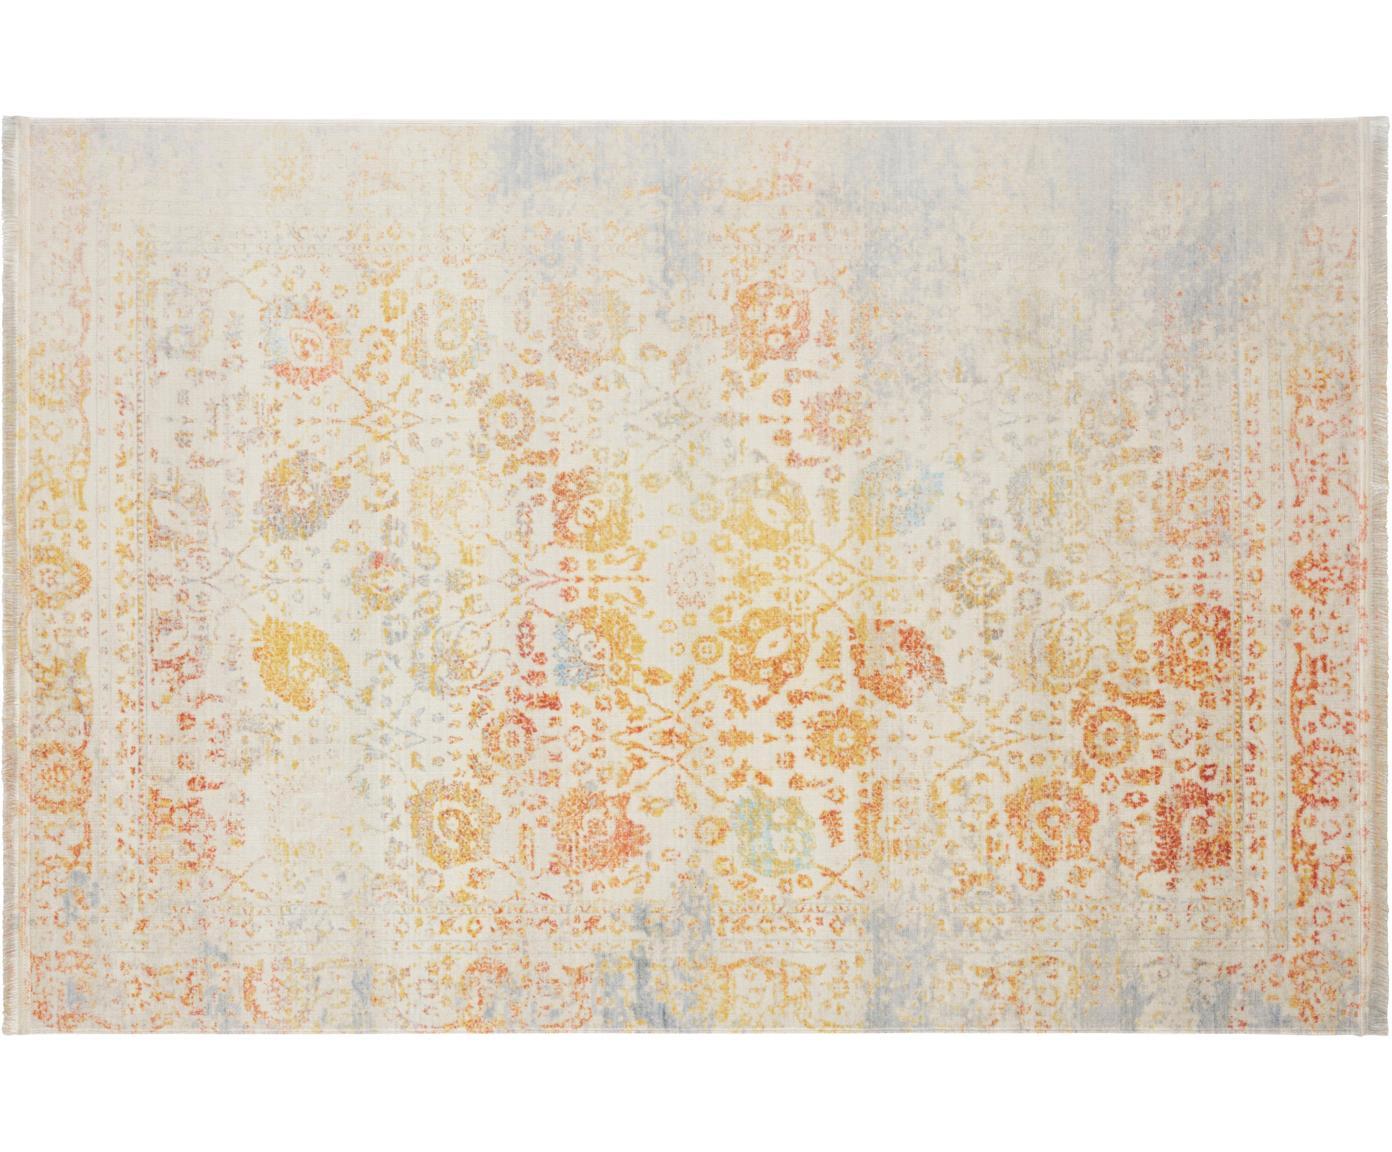 Alfombra Menga, estilo vintage, Parte superior: 60%poliéster, 40%algodó, Reverso: poliéster, Multicolor, An 120 x L 180 cm (Tamaño S)